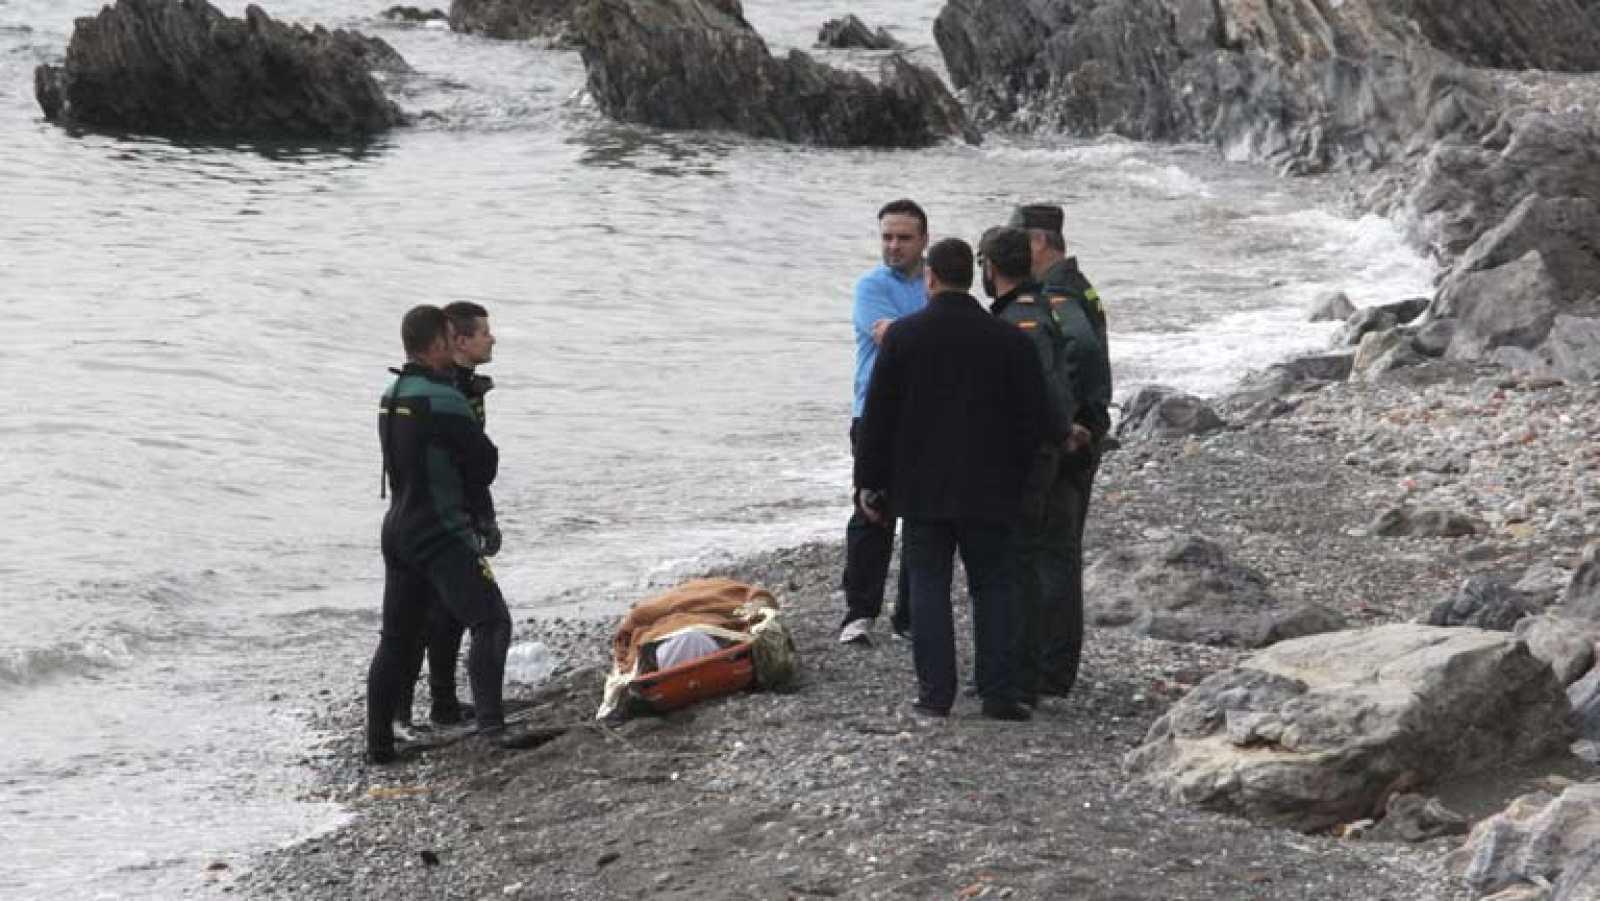 Continúa el debate político por la tragedia de Ceuta